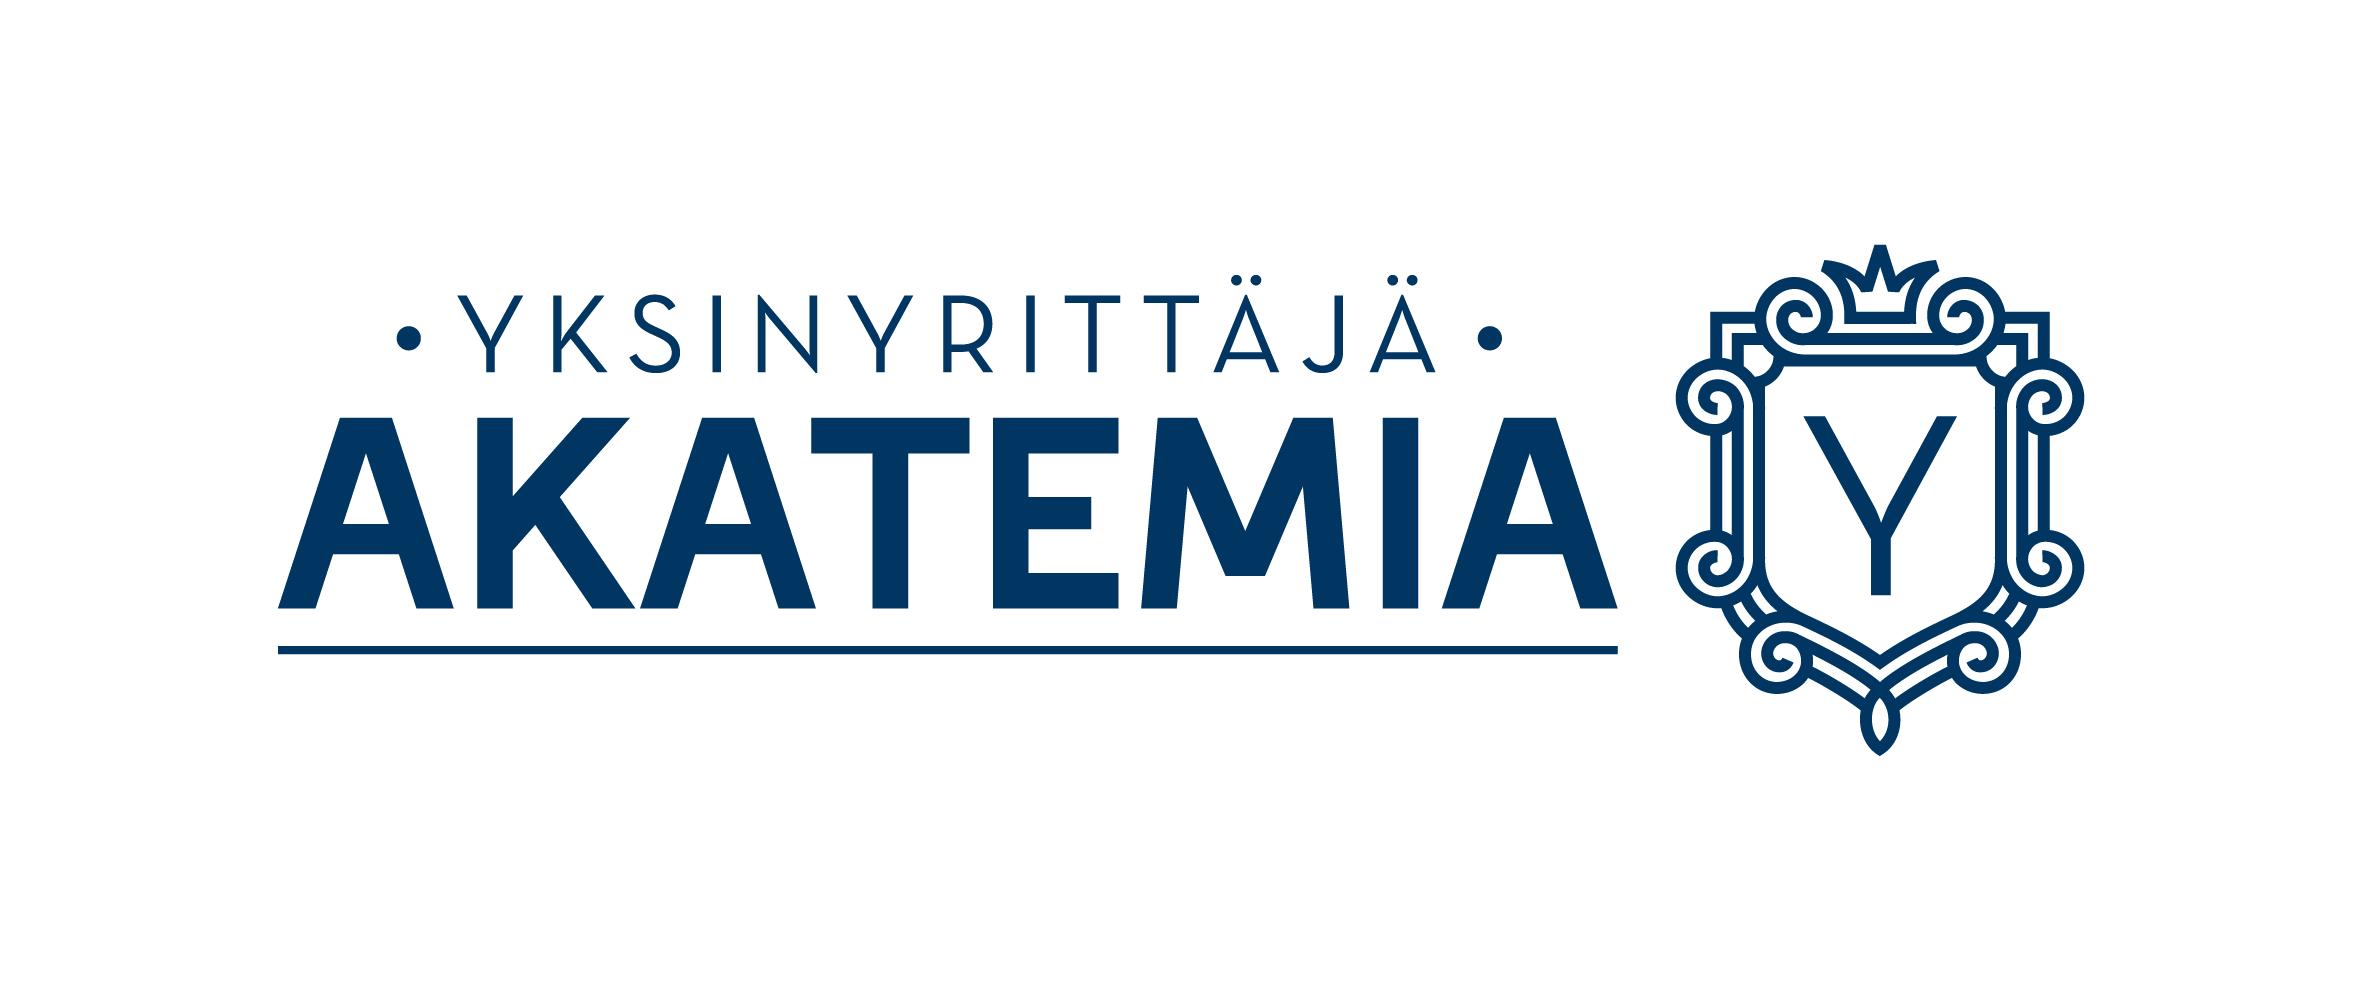 Yksinyrittäjä Yksinyrittäjäakatemia logo_nelio